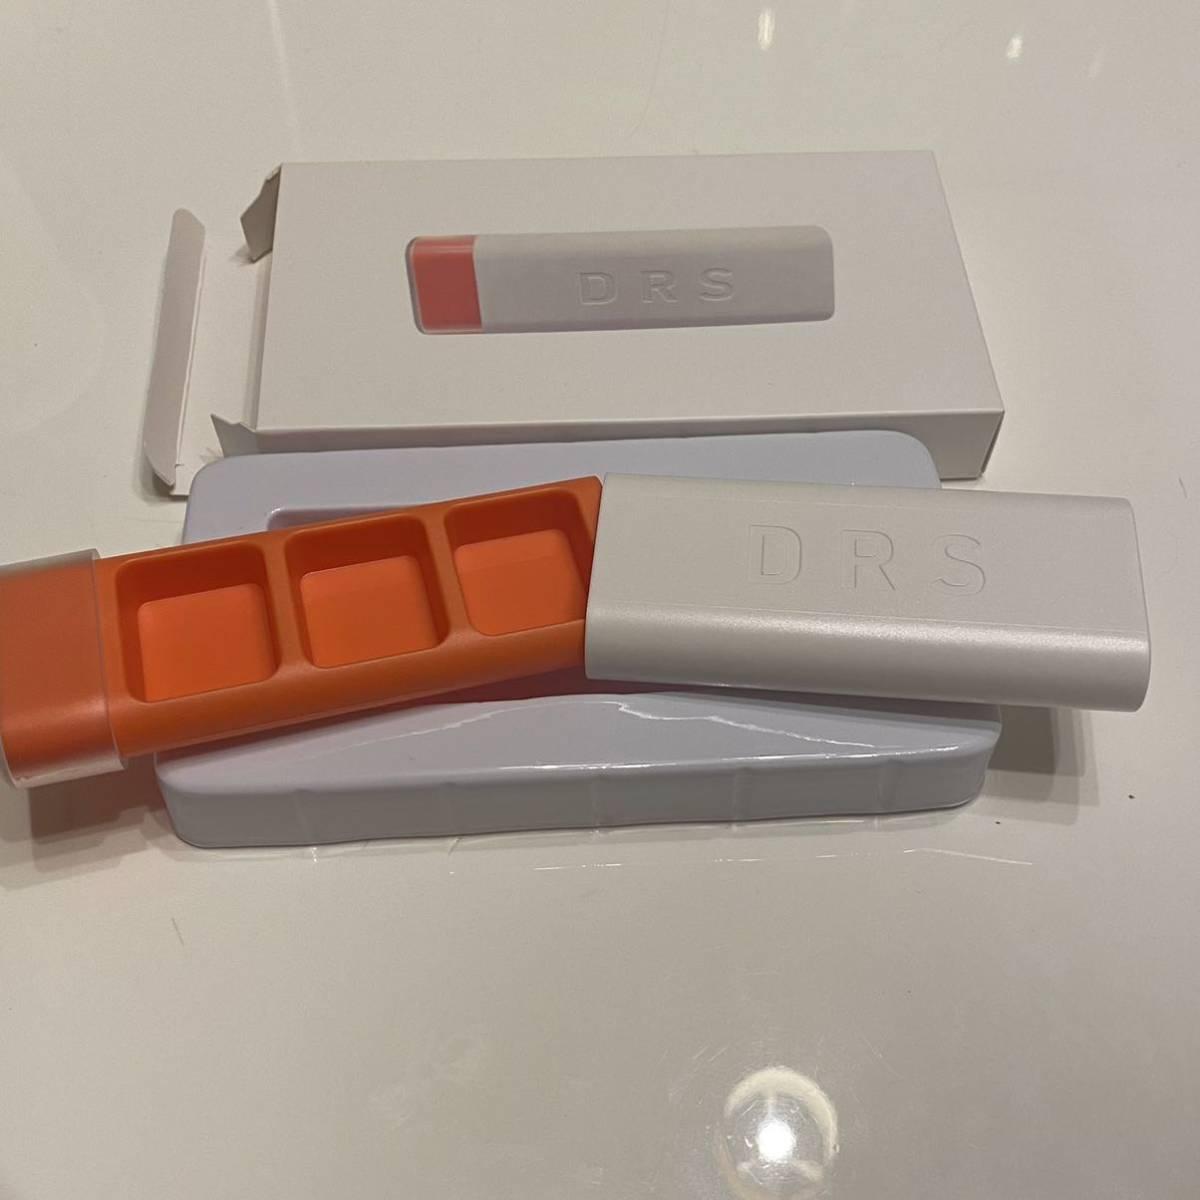 未使用品!DRS 1DAYポータブルサプリケース 1日3回 仕切り ピルケース 錠剤入れ 携帯薬ケース ポータブルピルケース 薬入れ サプリ入れ_画像2